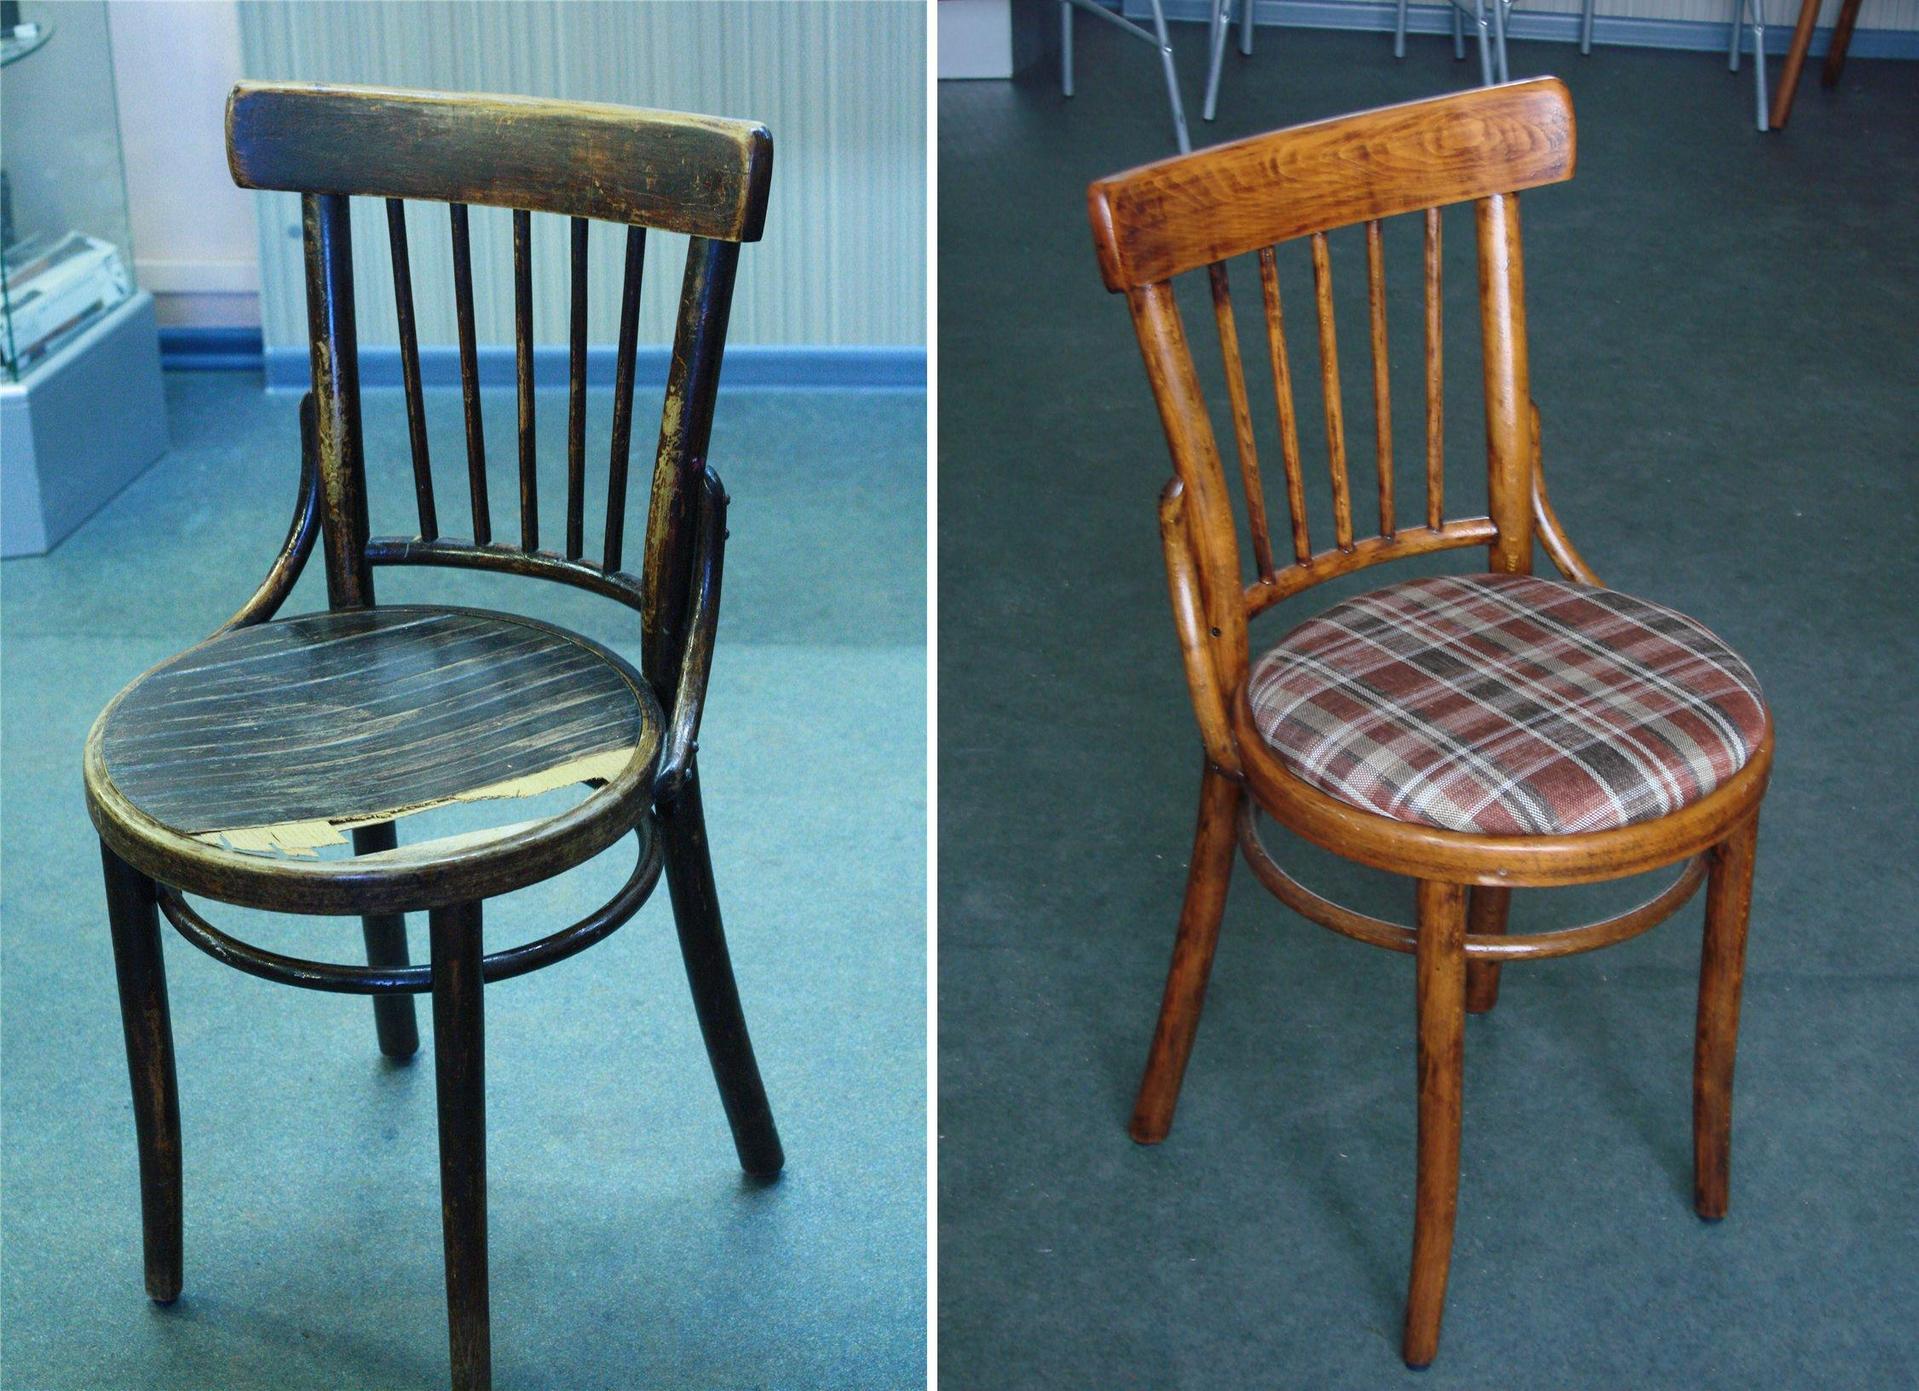 Реставрация старой мебели — лучшие идеи для оформления интерьера своими руками (108 фото)